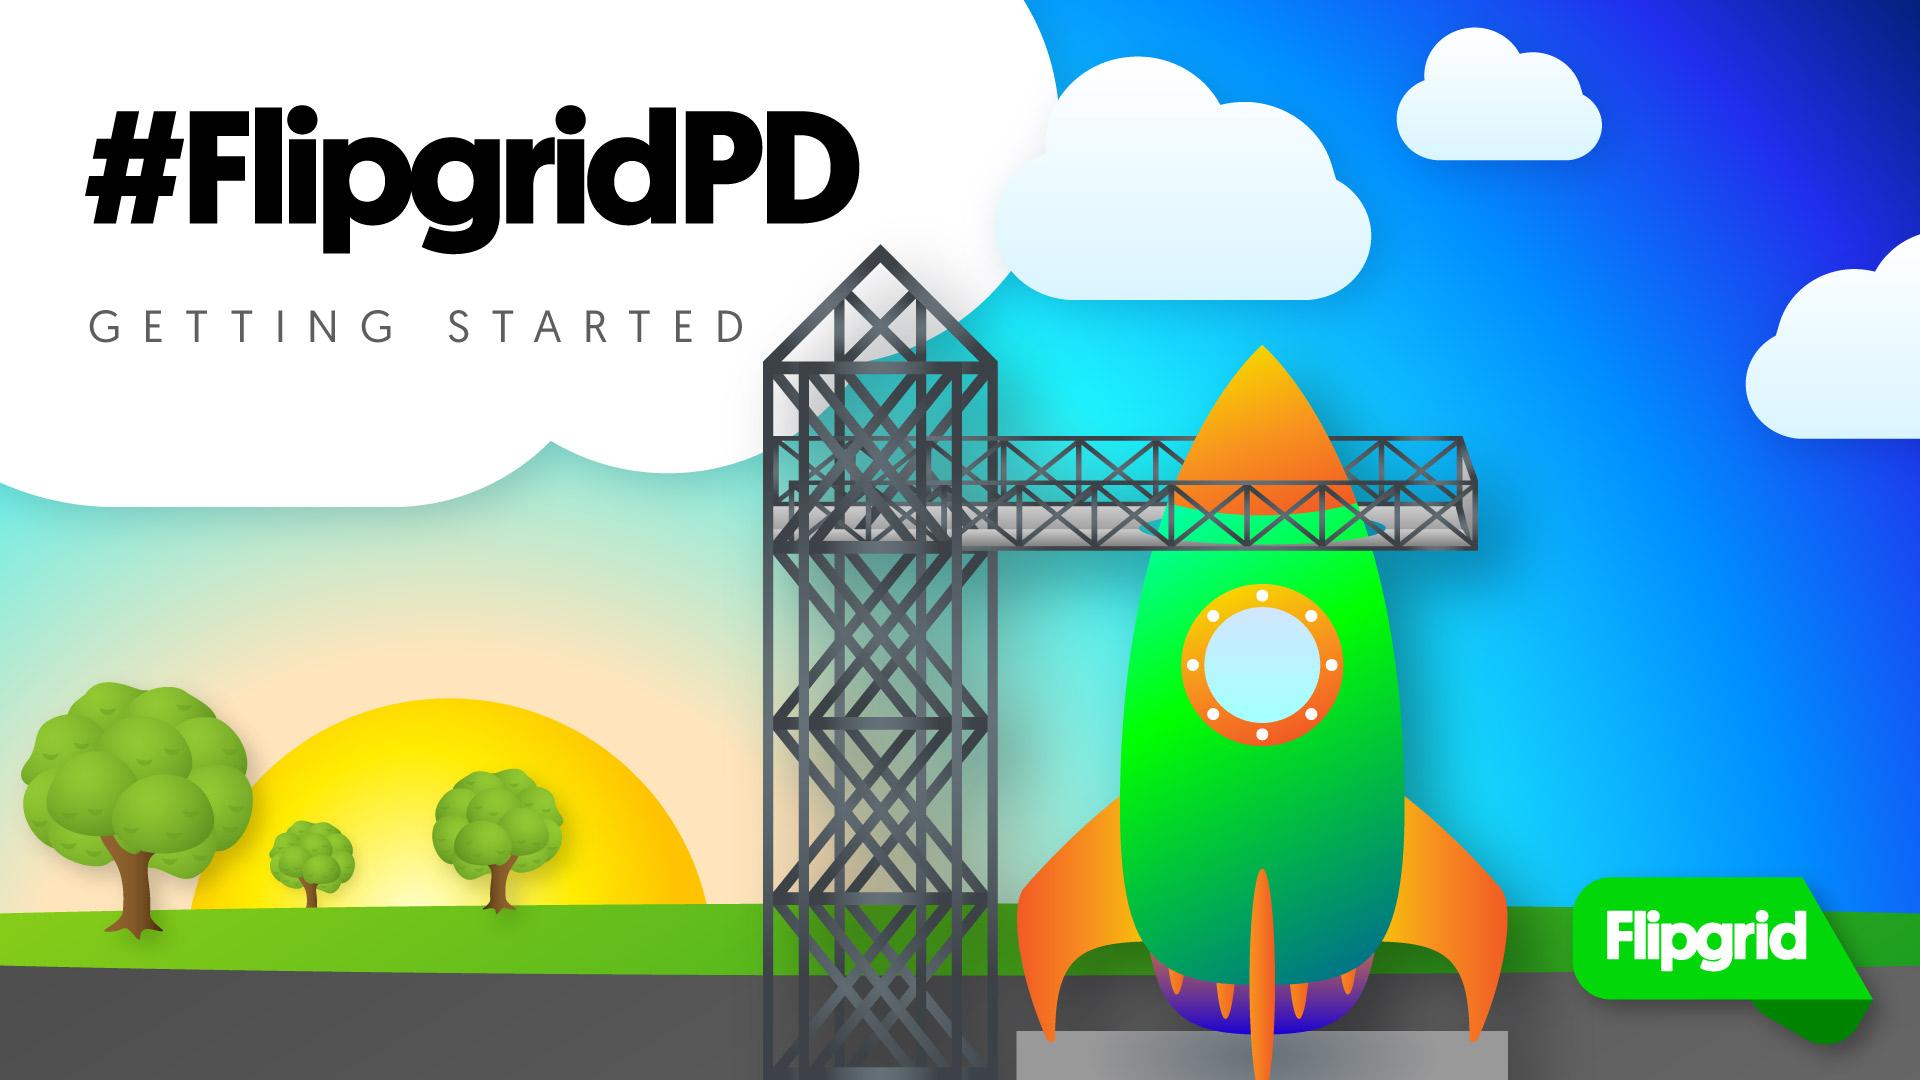 FlipgridPD_SG_August2019.jpg